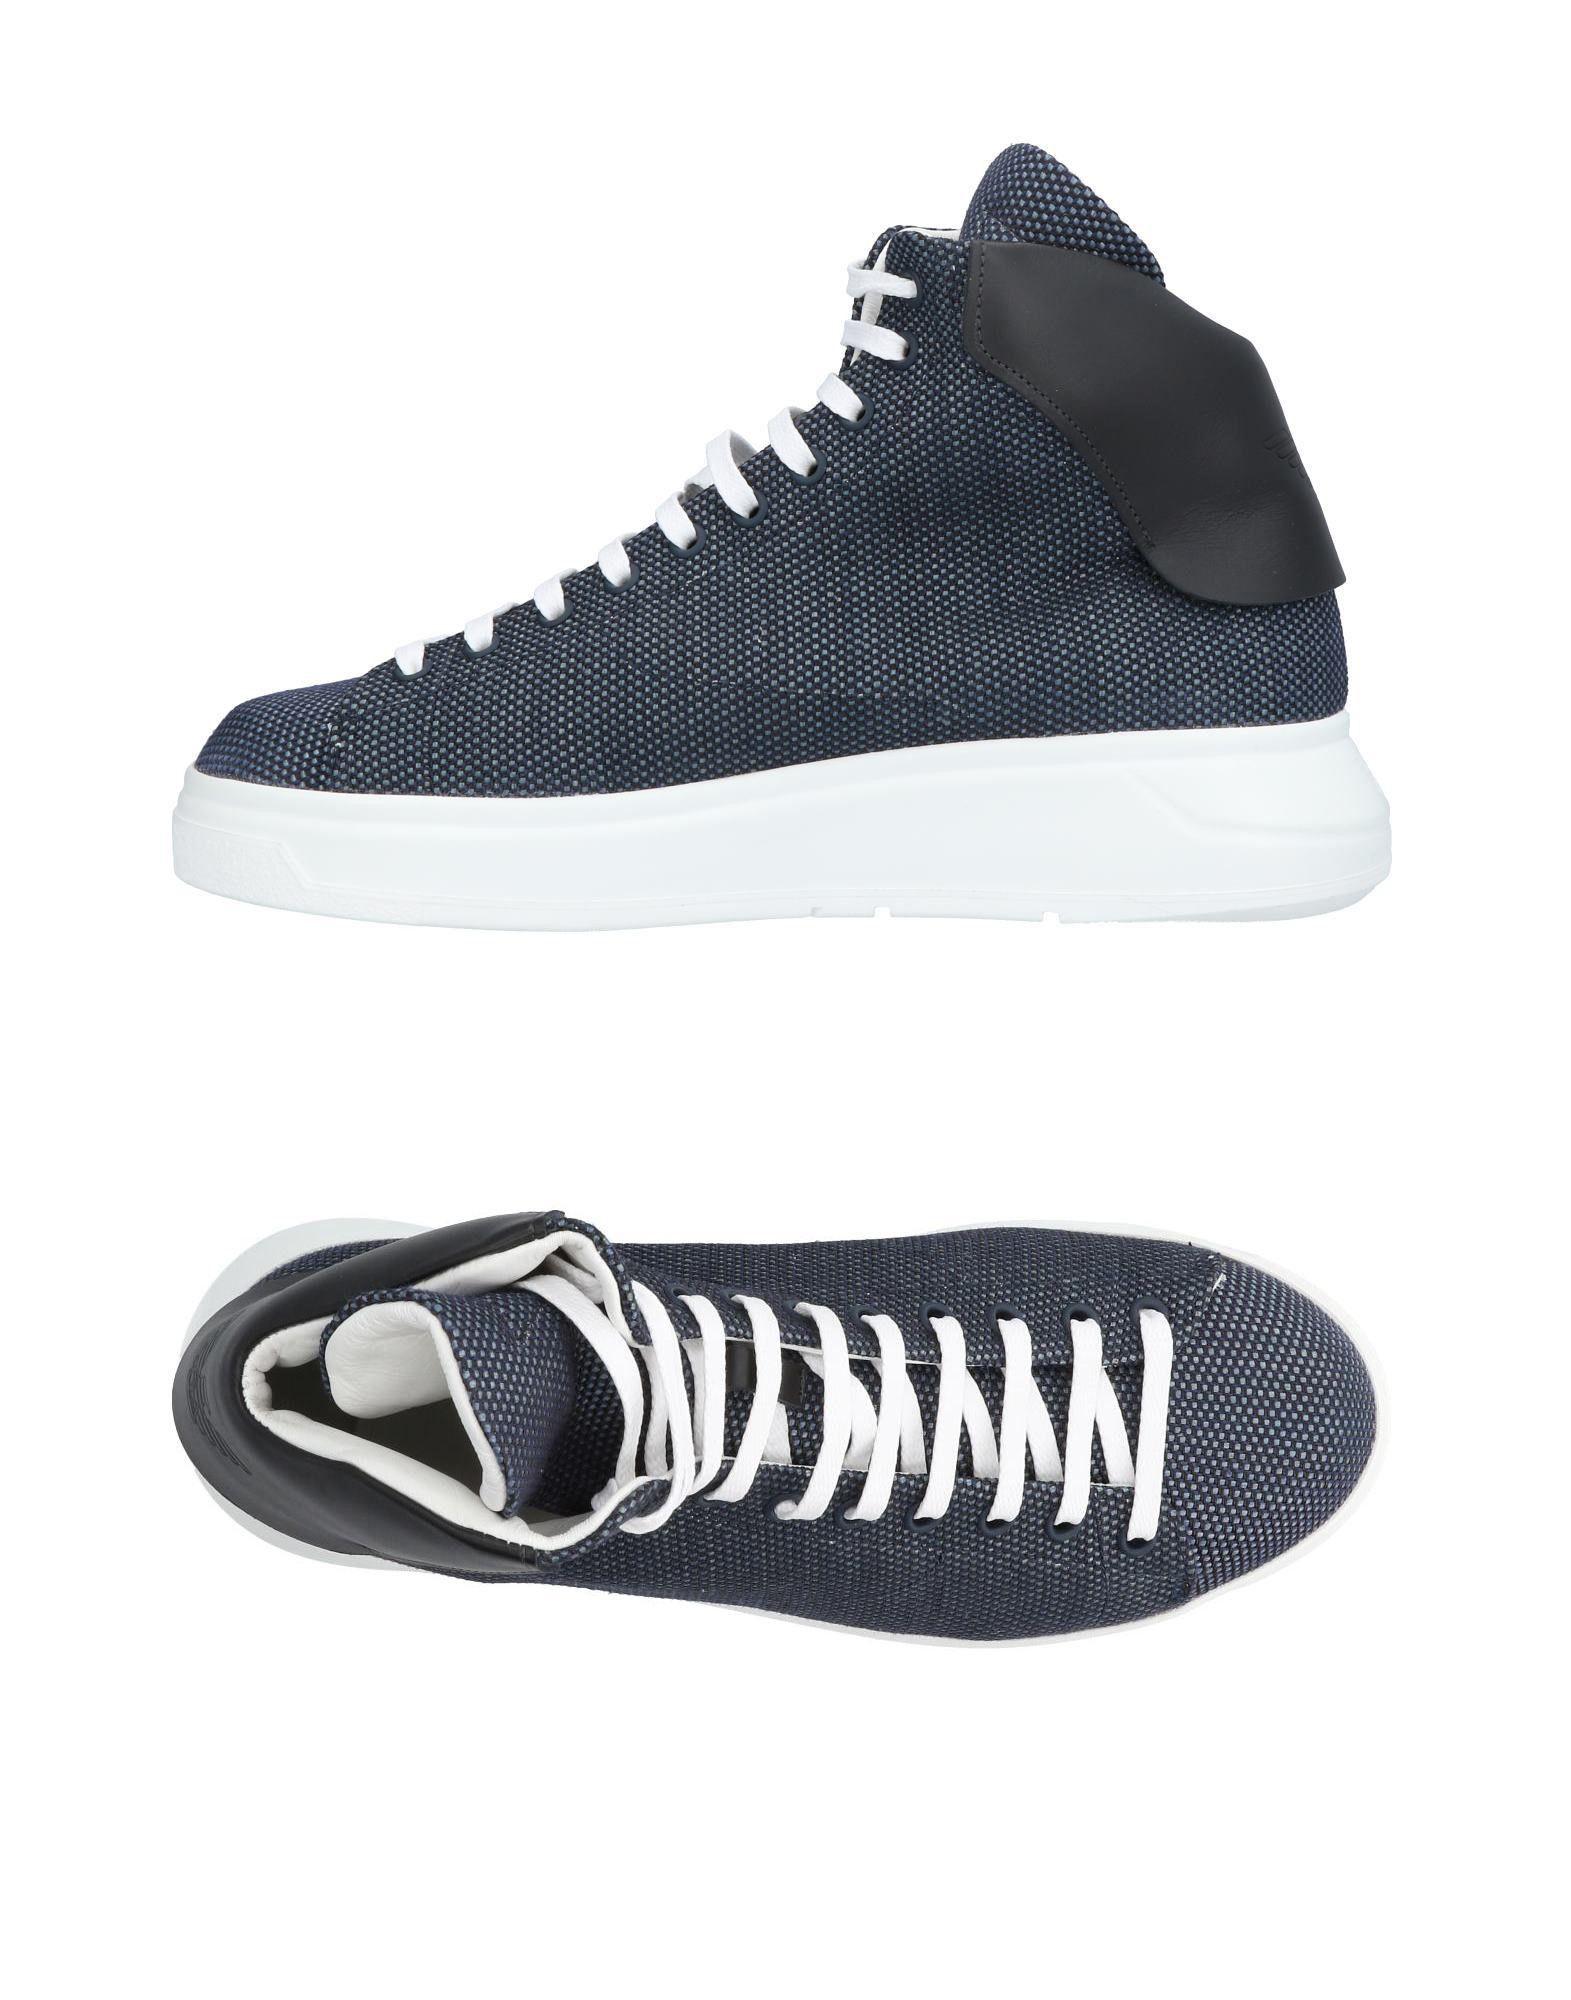 Emporio Armani Sneakers Herren  11423404WF Gute Qualität beliebte Schuhe